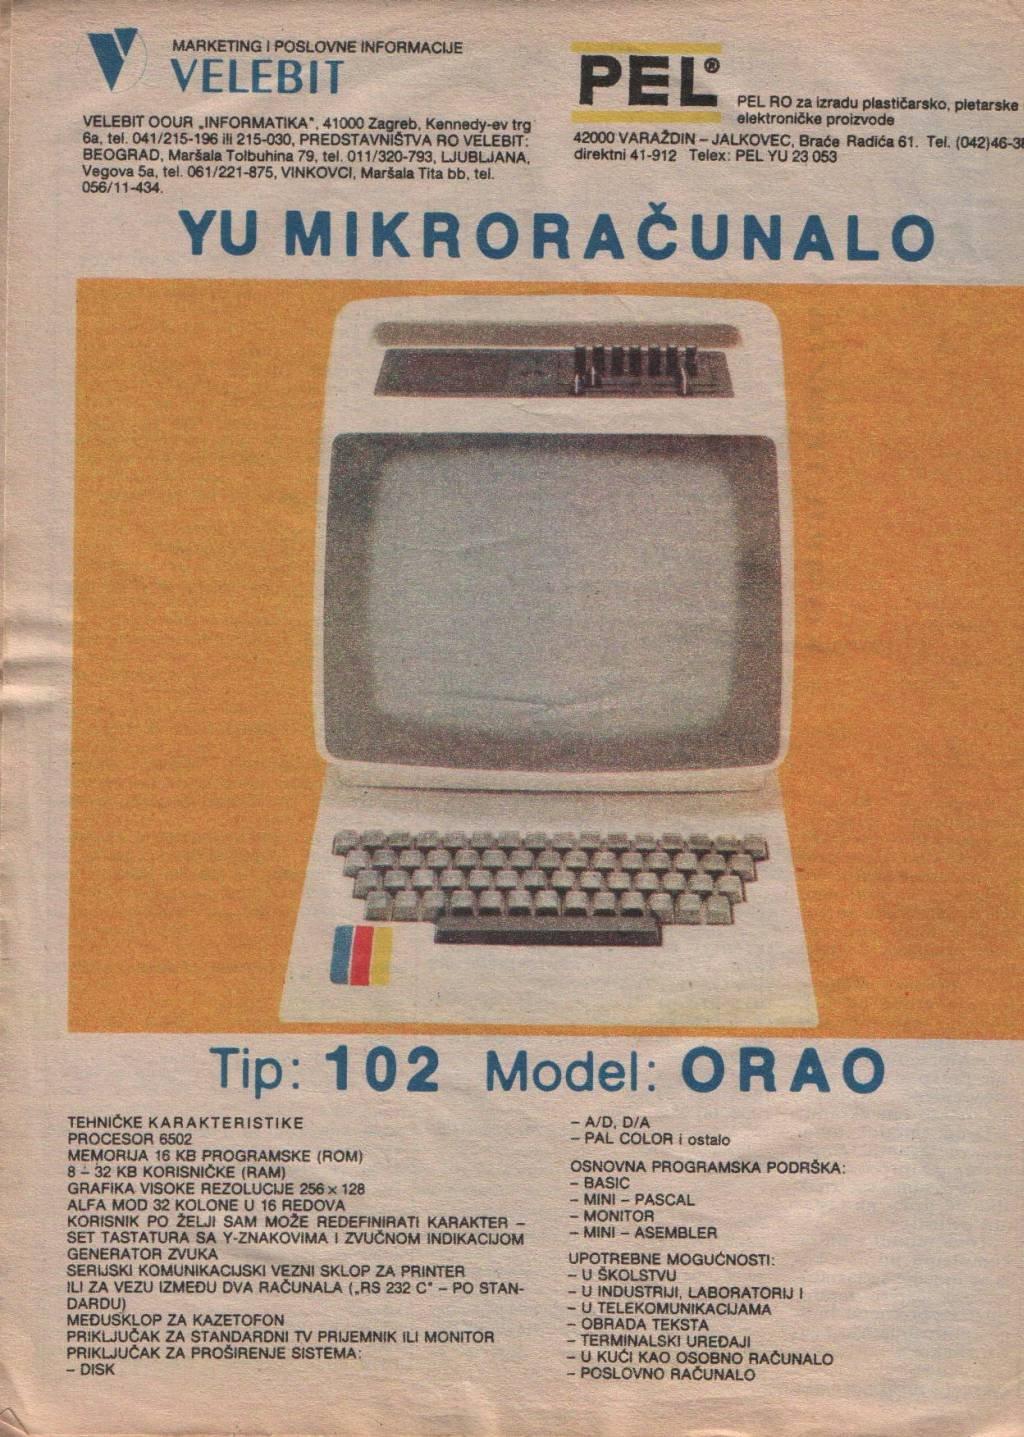 Ekonomski sistem SFRJ - Page 3 OraoMR102SK84jpg